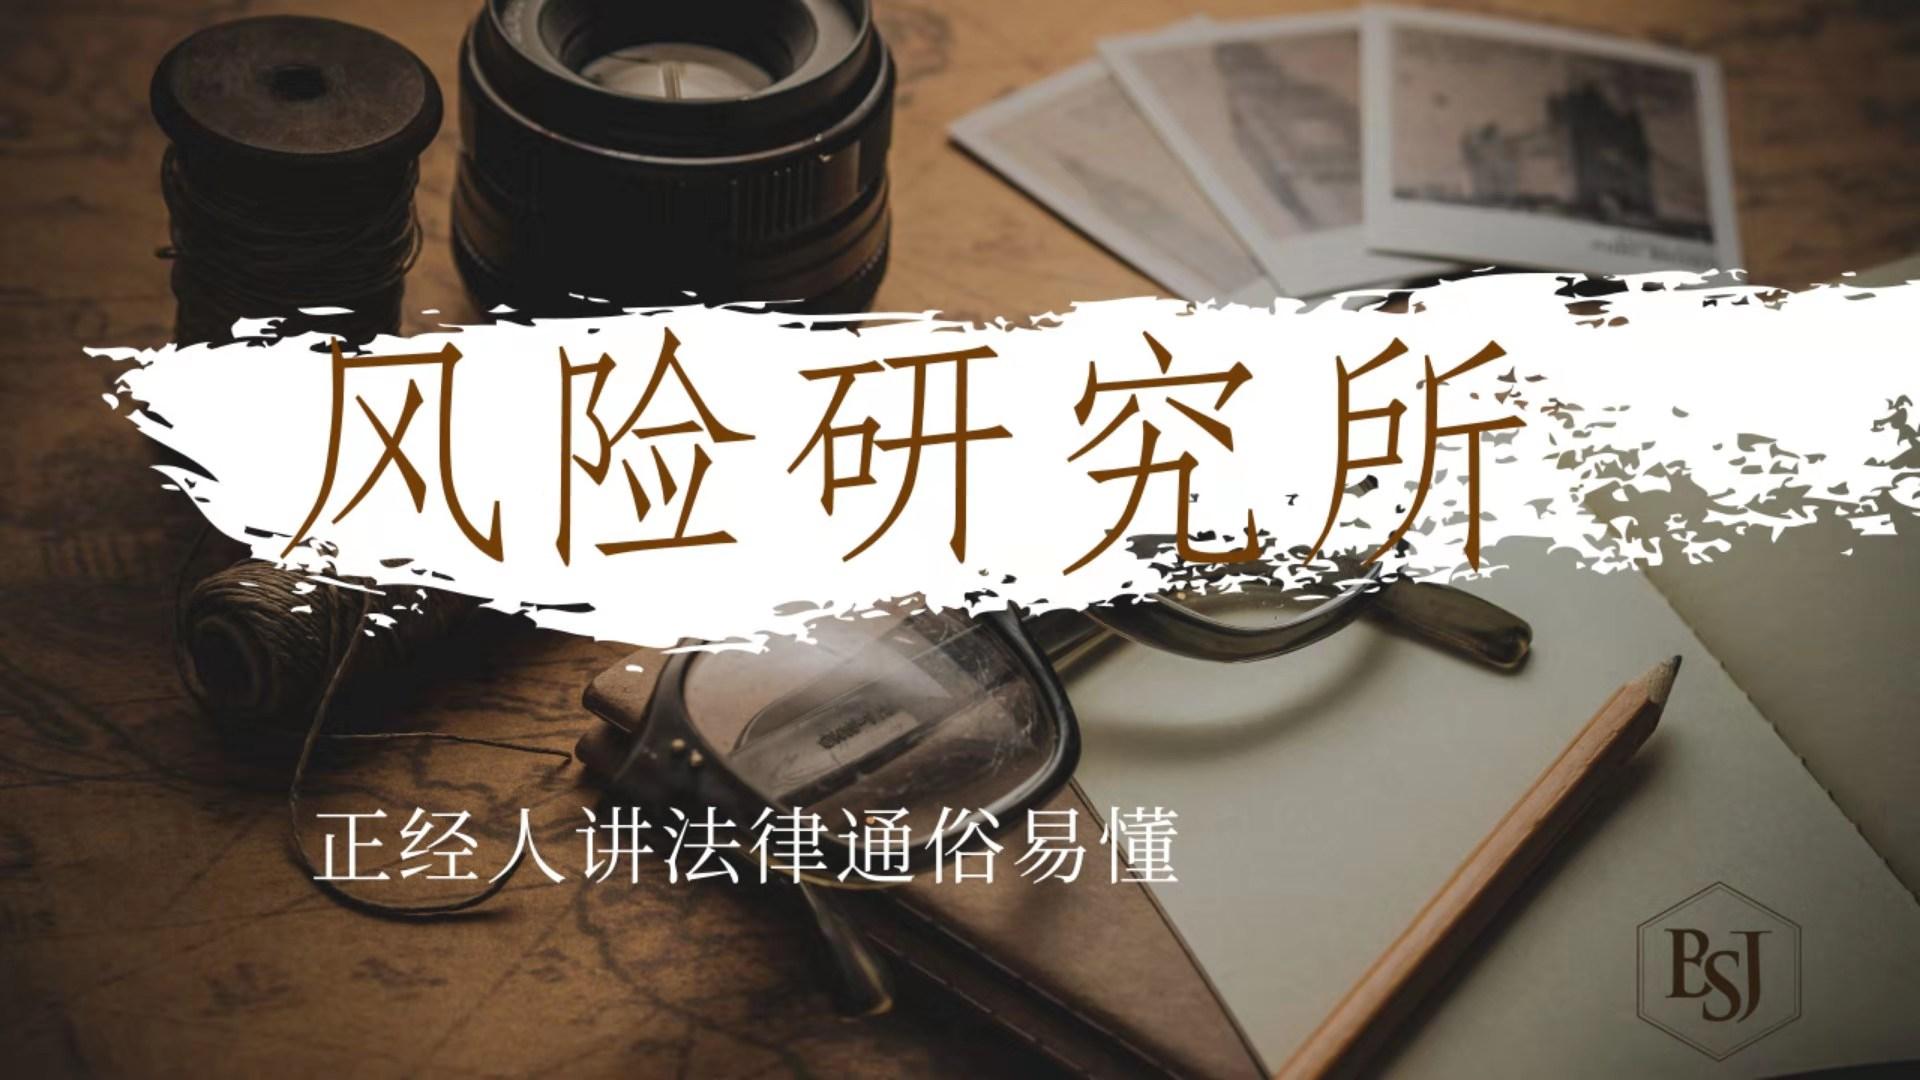 广州企业法律顾问律师普法:企业与股东之间借款法律风险及其防范